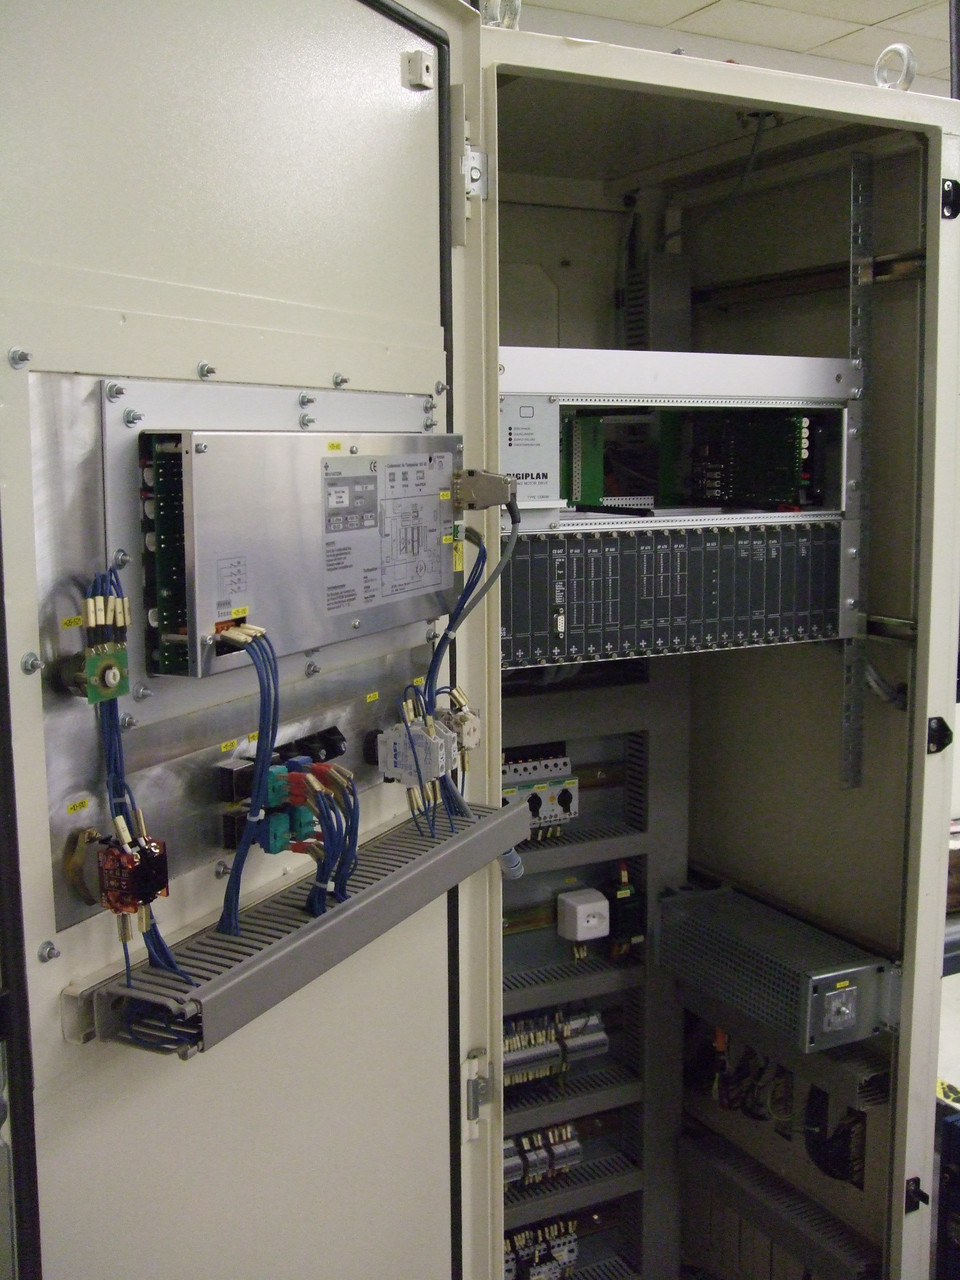 AGATHON Solothurn - Switzerland 150-SL30 CNC Centerless Grinding Machine